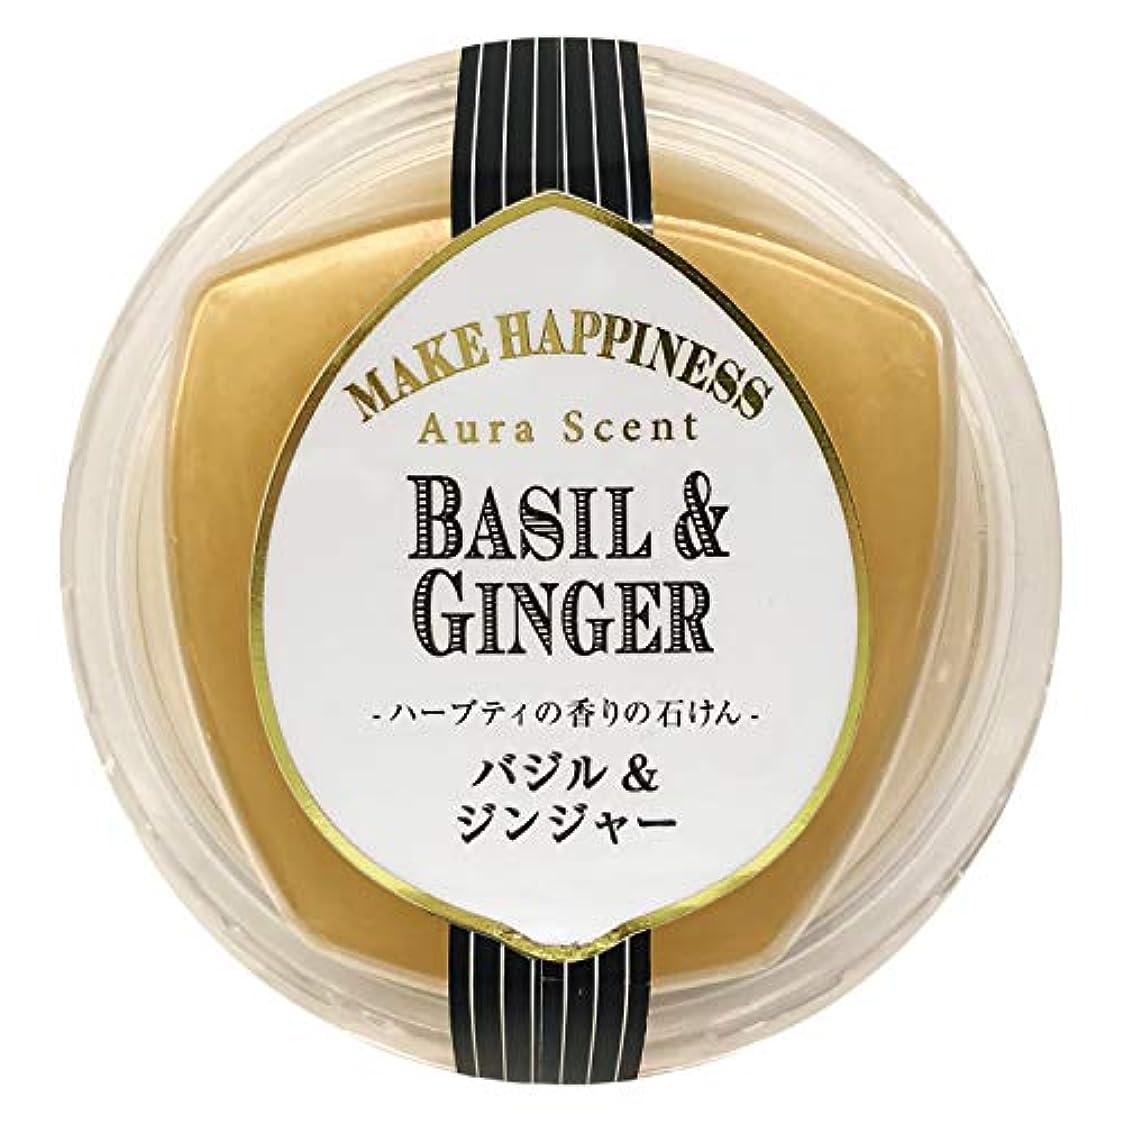 天井移植効率的ペリカン石鹸 オーラセント クリアソープ バジル&ジンジャー 75g